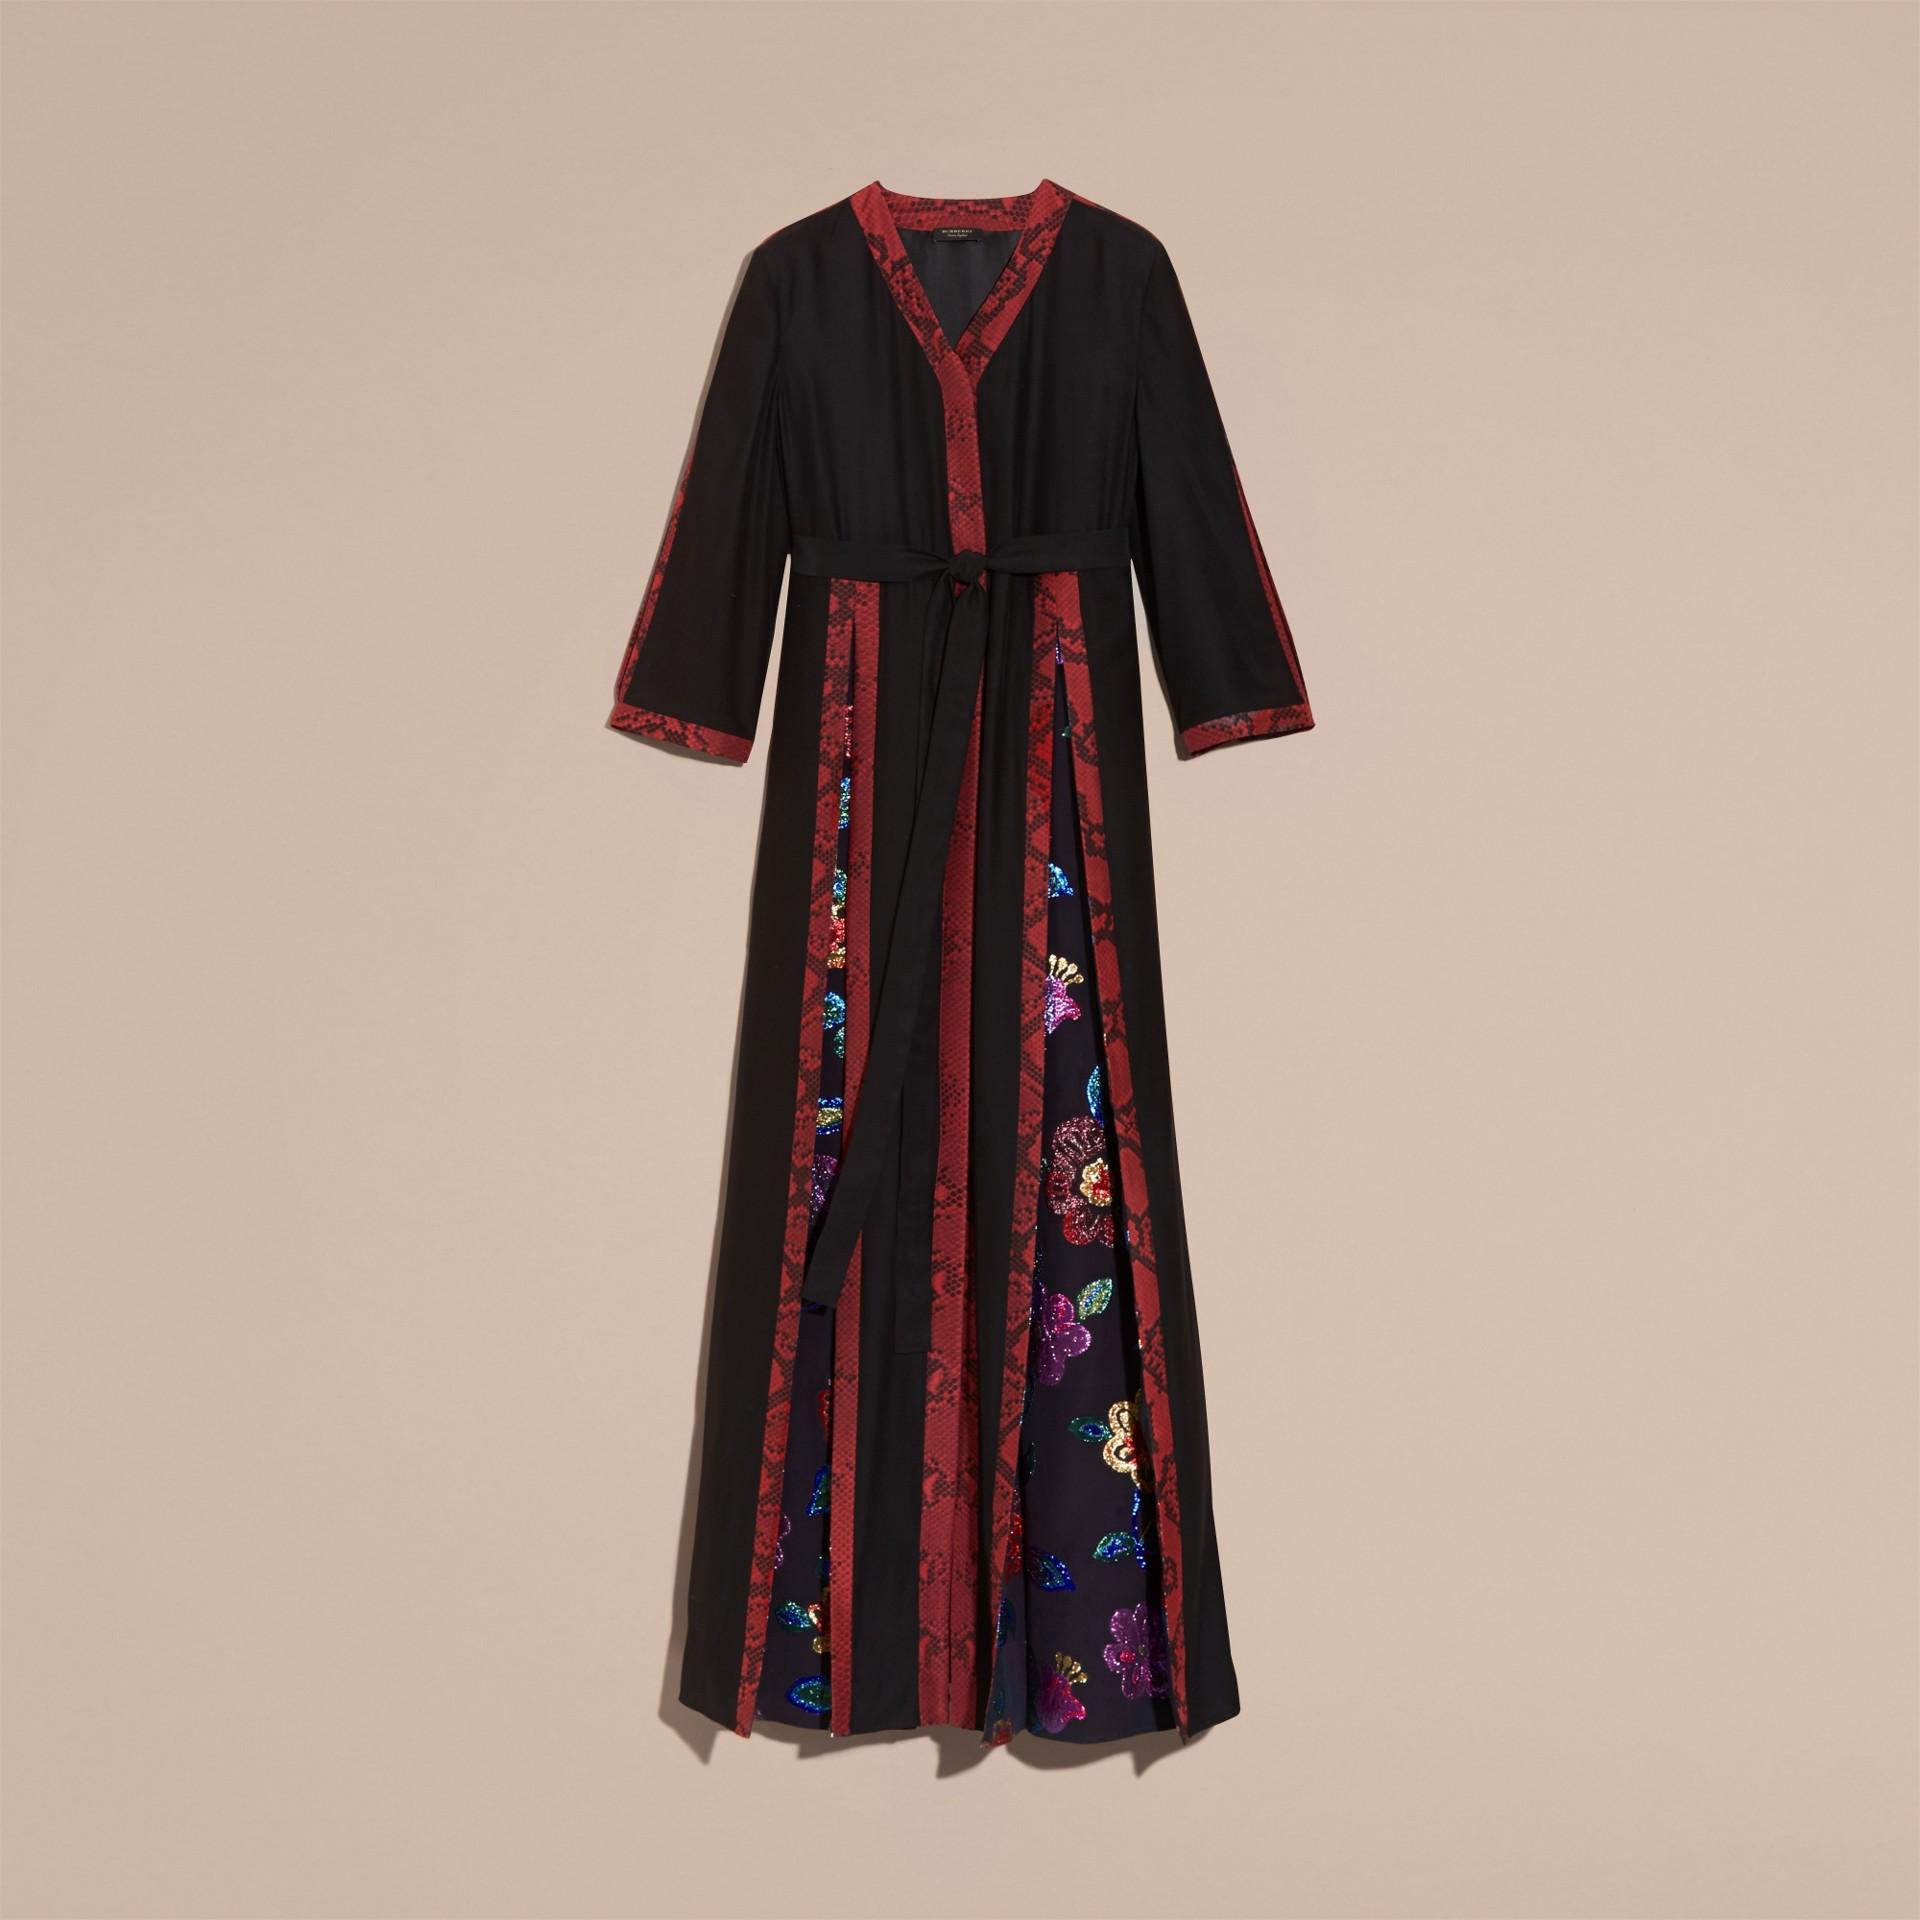 Preto Vestido envelope longo de seda com detalhes em fil coupé floral - galeria de imagens 4